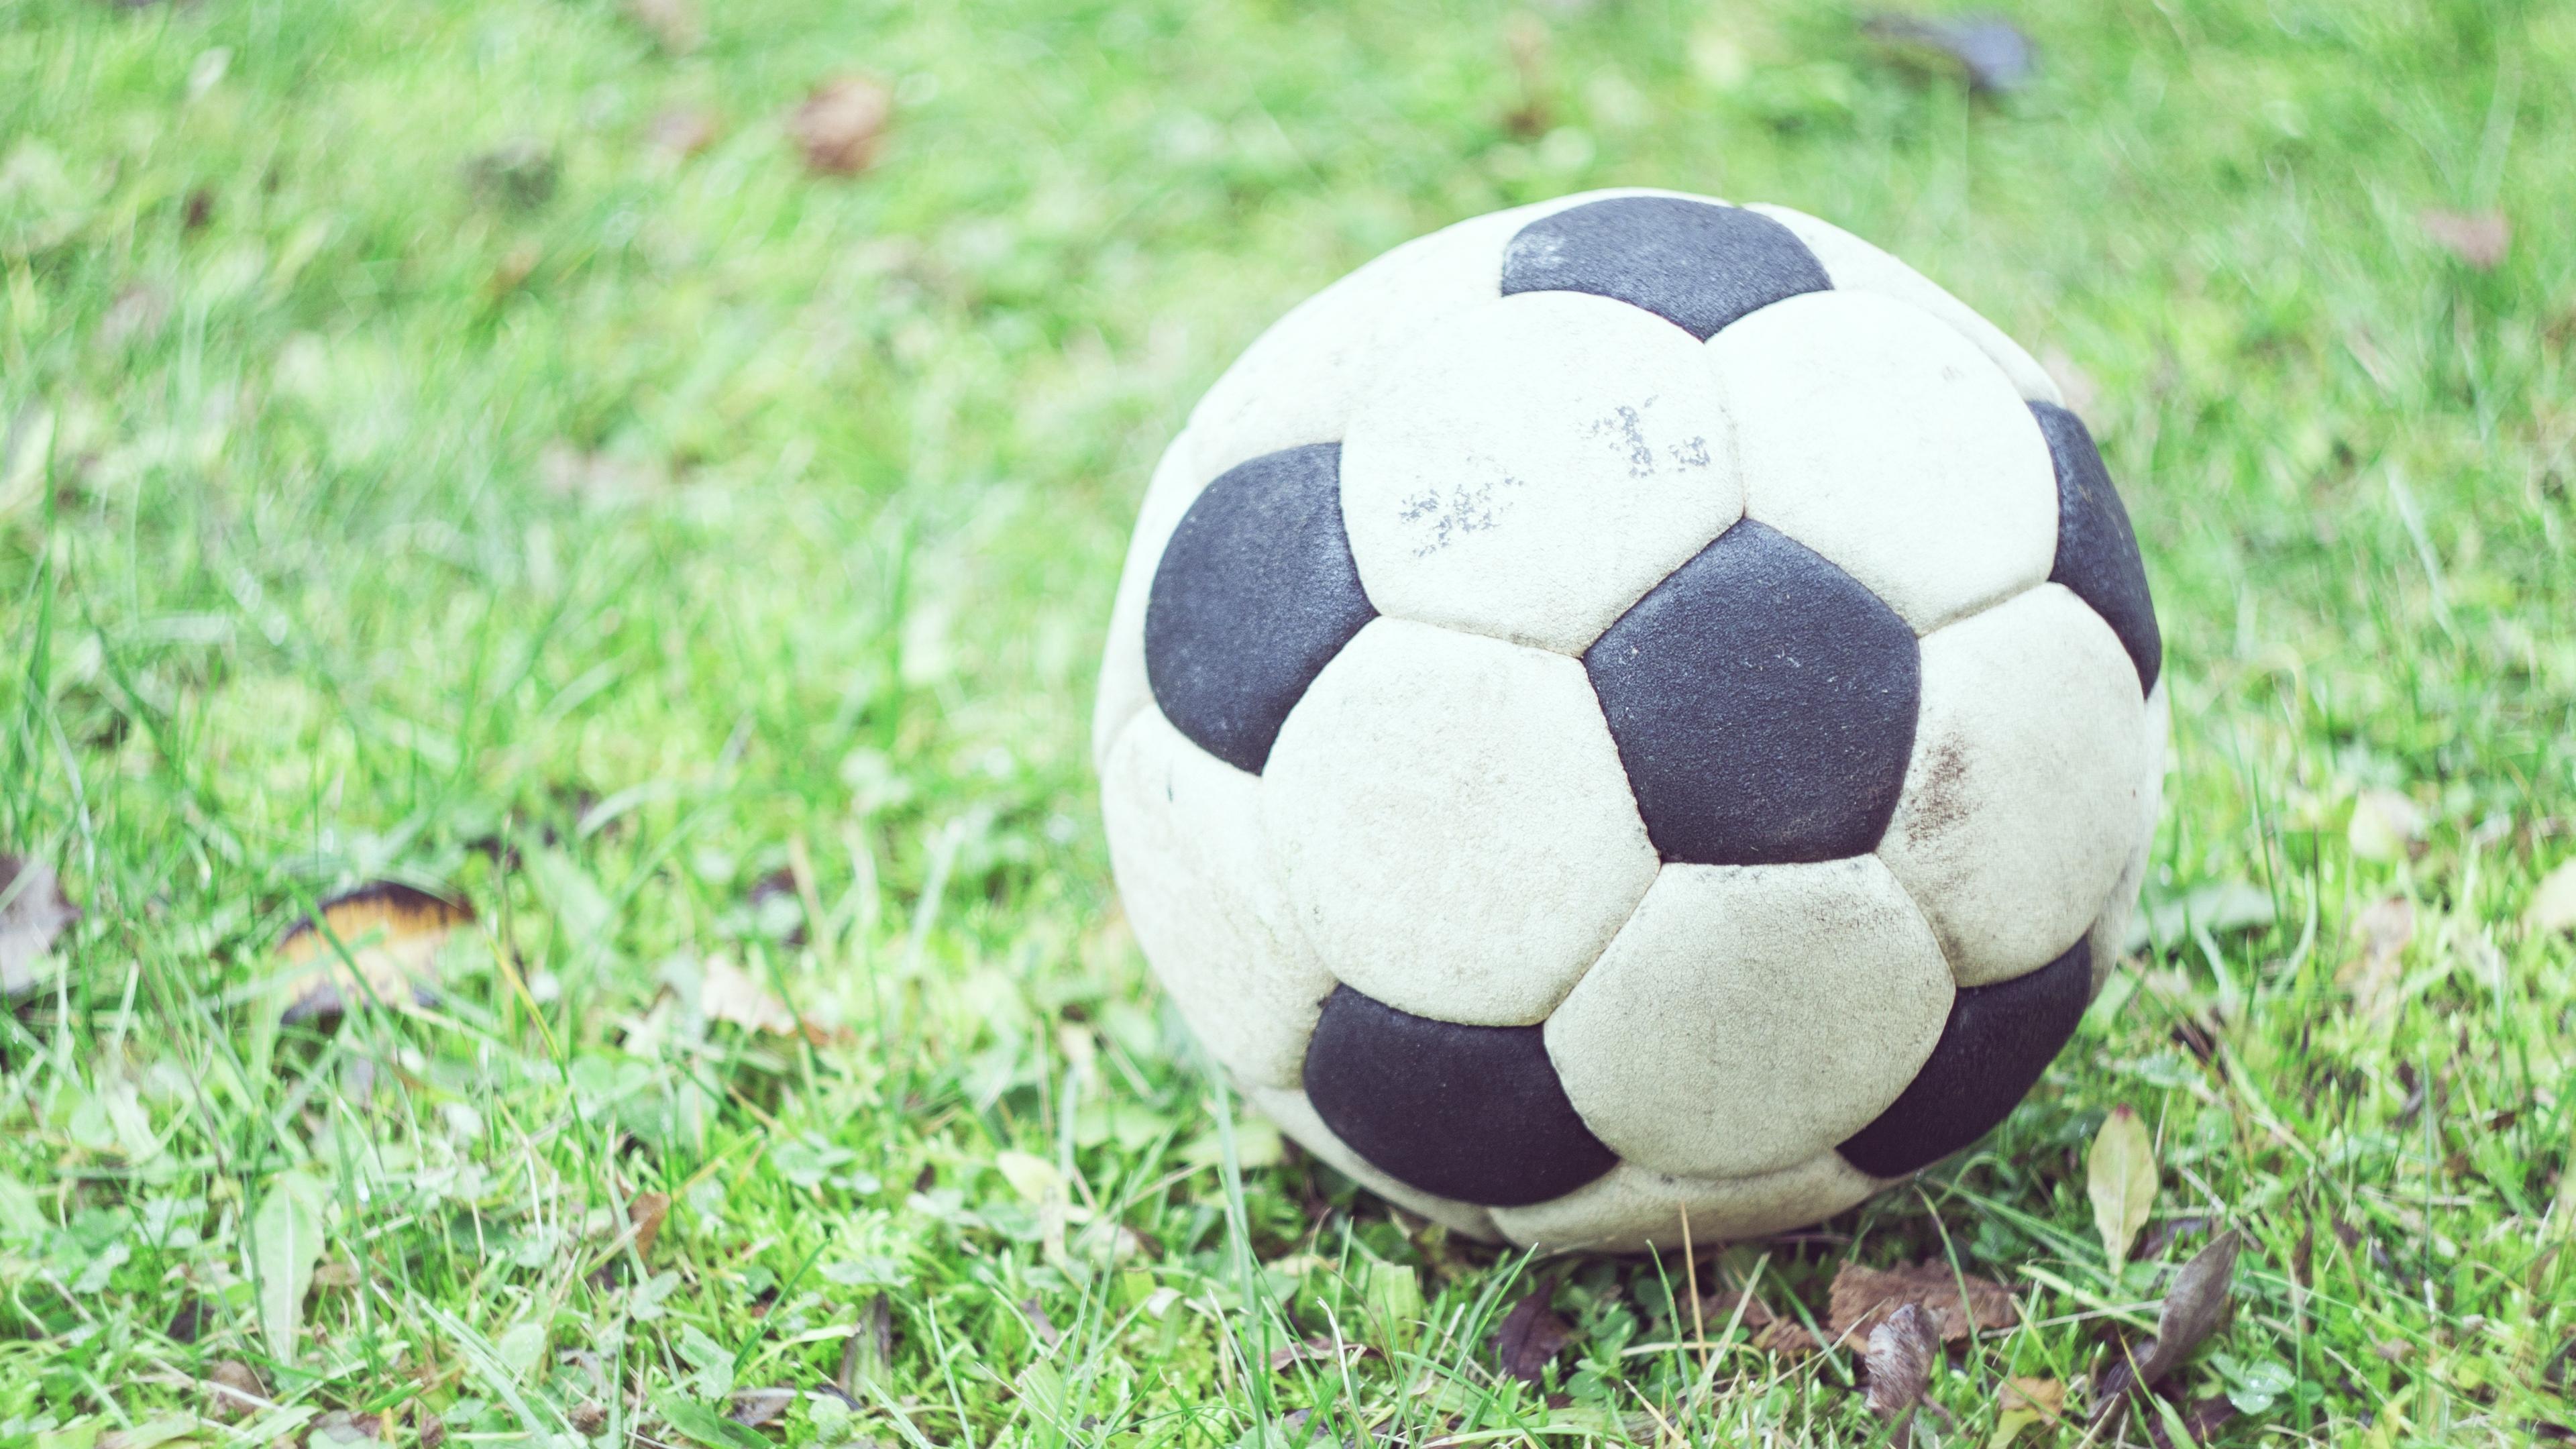 soccer ball football grass blur 4k 1540062194 - soccer ball, football, grass, blur 4k - soccer ball, Grass, Football